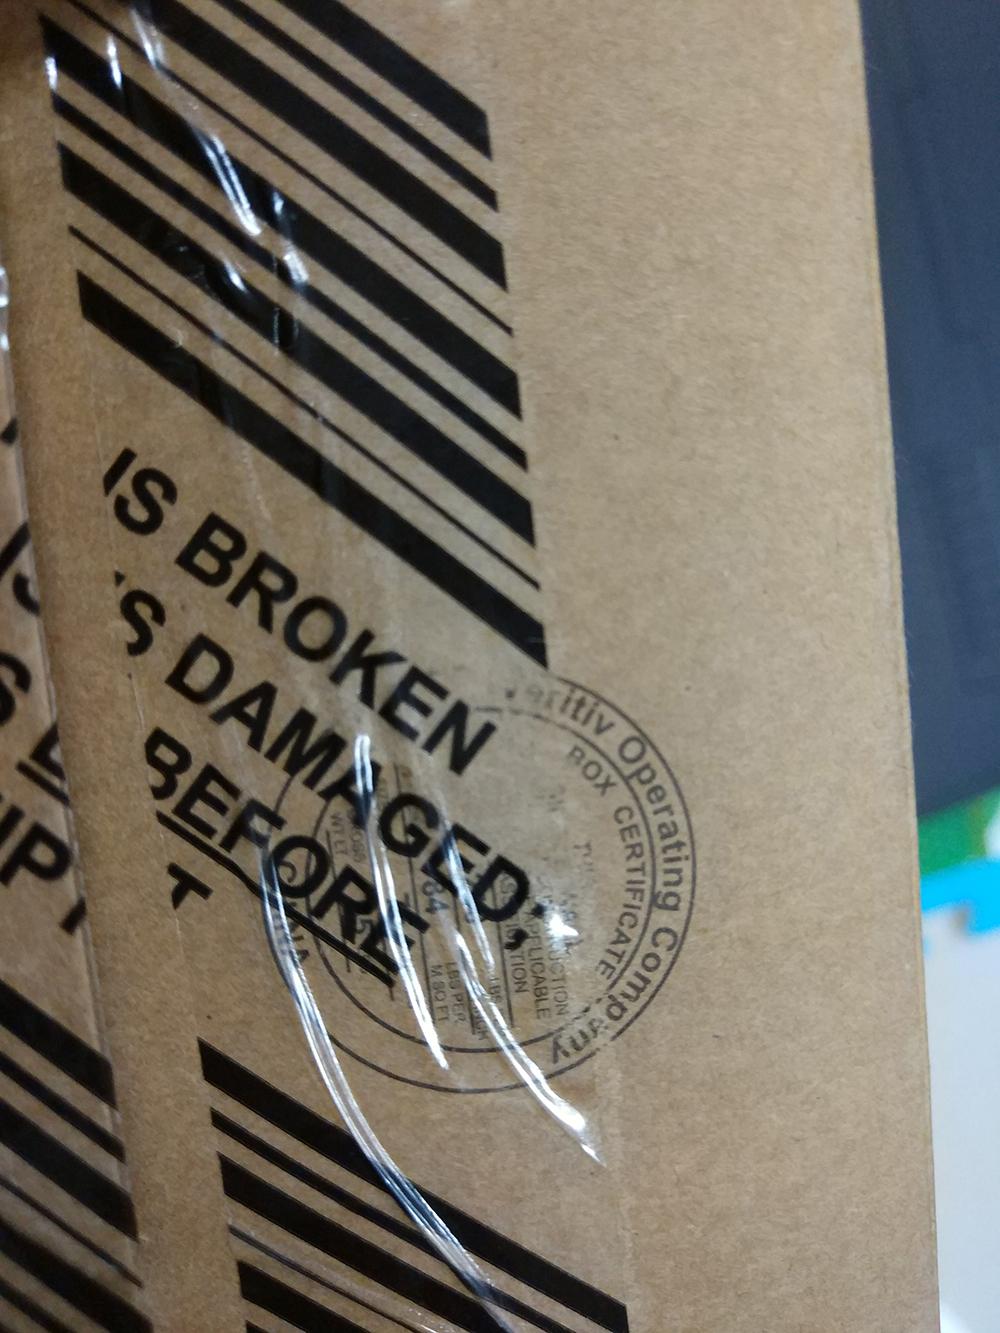 原包装上面的字体都已经没有了,抽检就不知道换个新的包装?